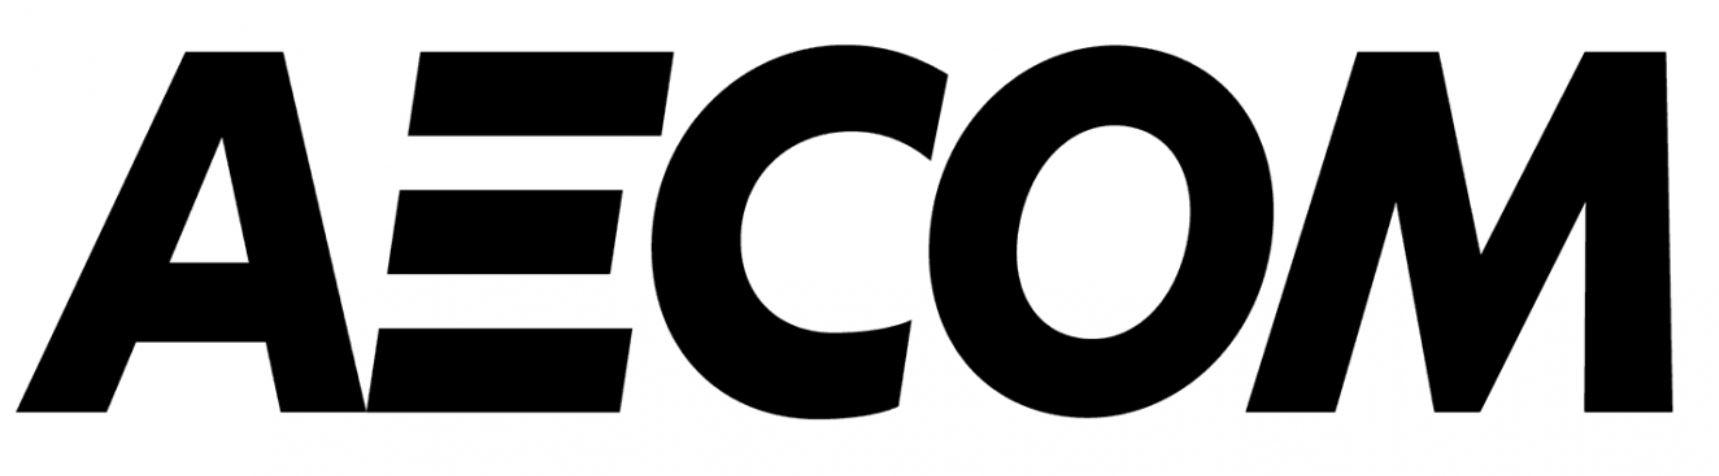 AECOM Limited